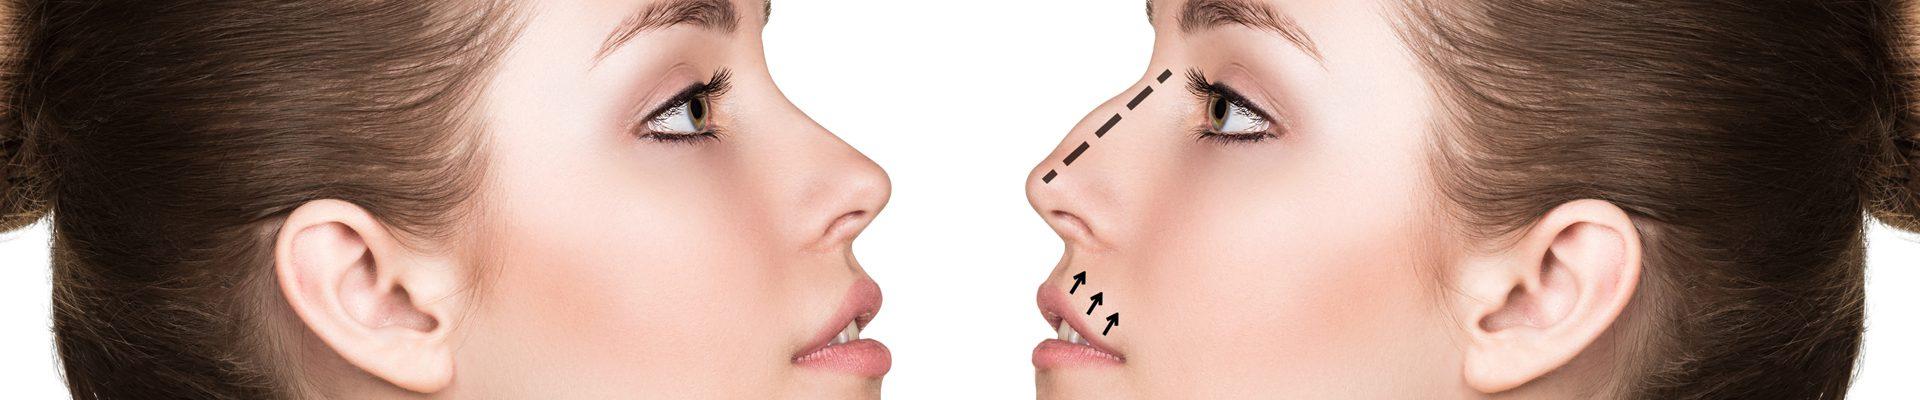 ρινοπλαστικη - πλαστικη στη μυτη rhinoplasty